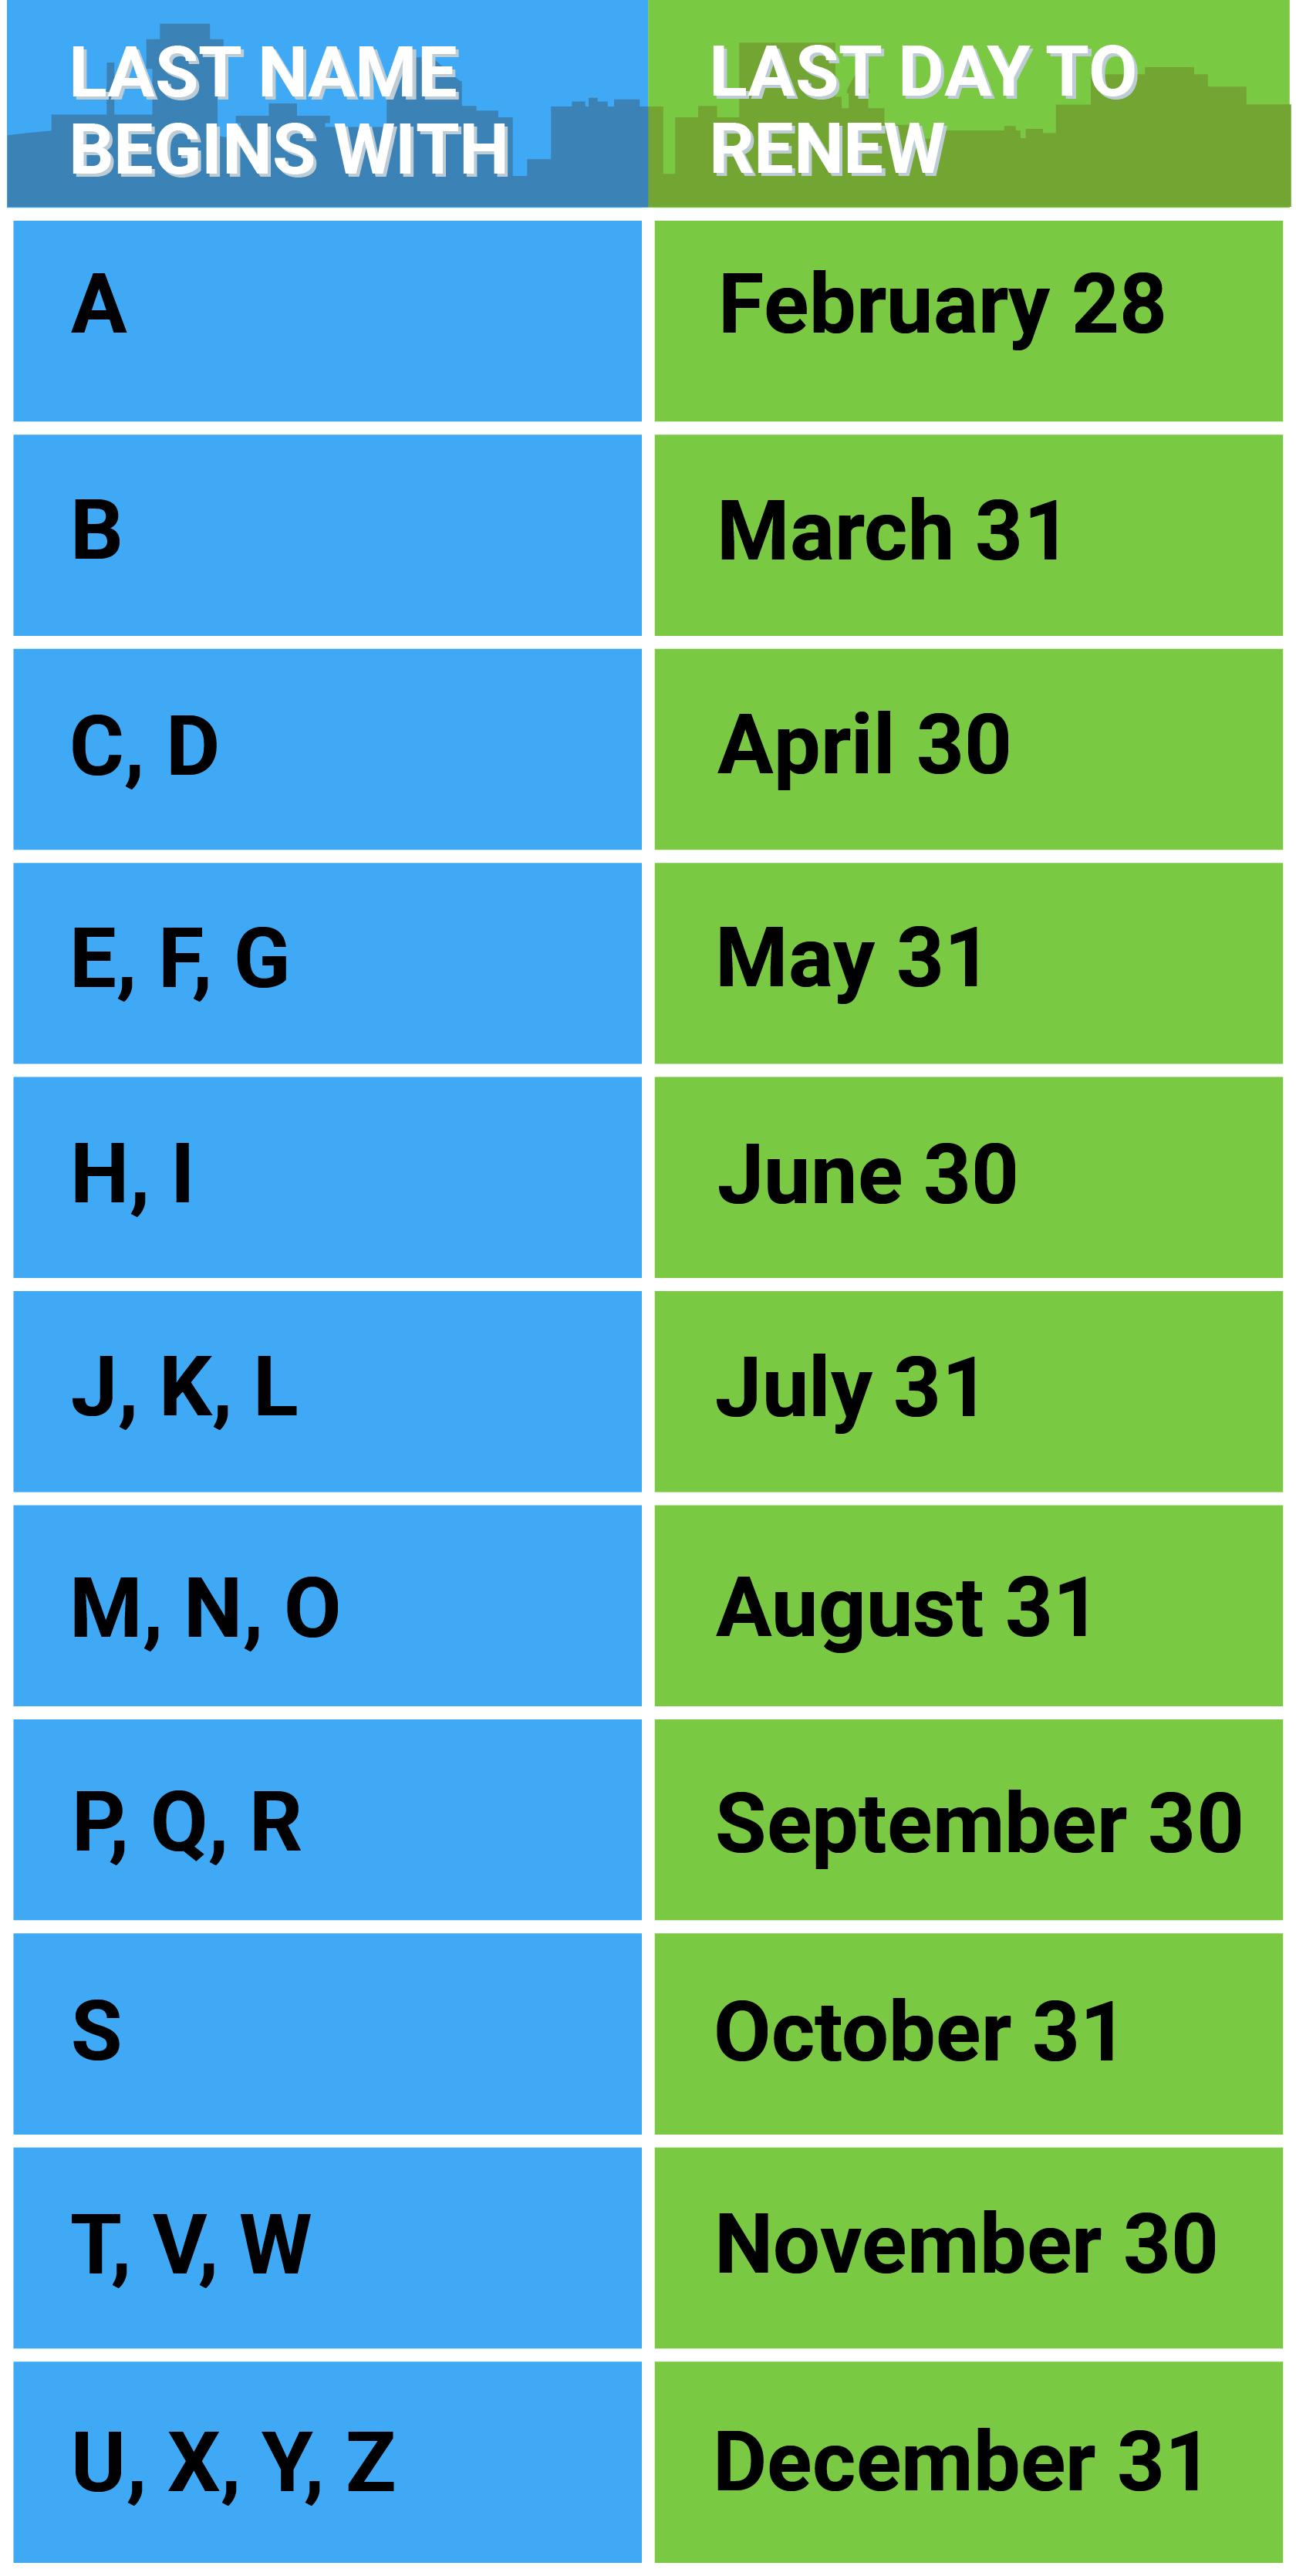 Tag Renewal Schedule.jpg